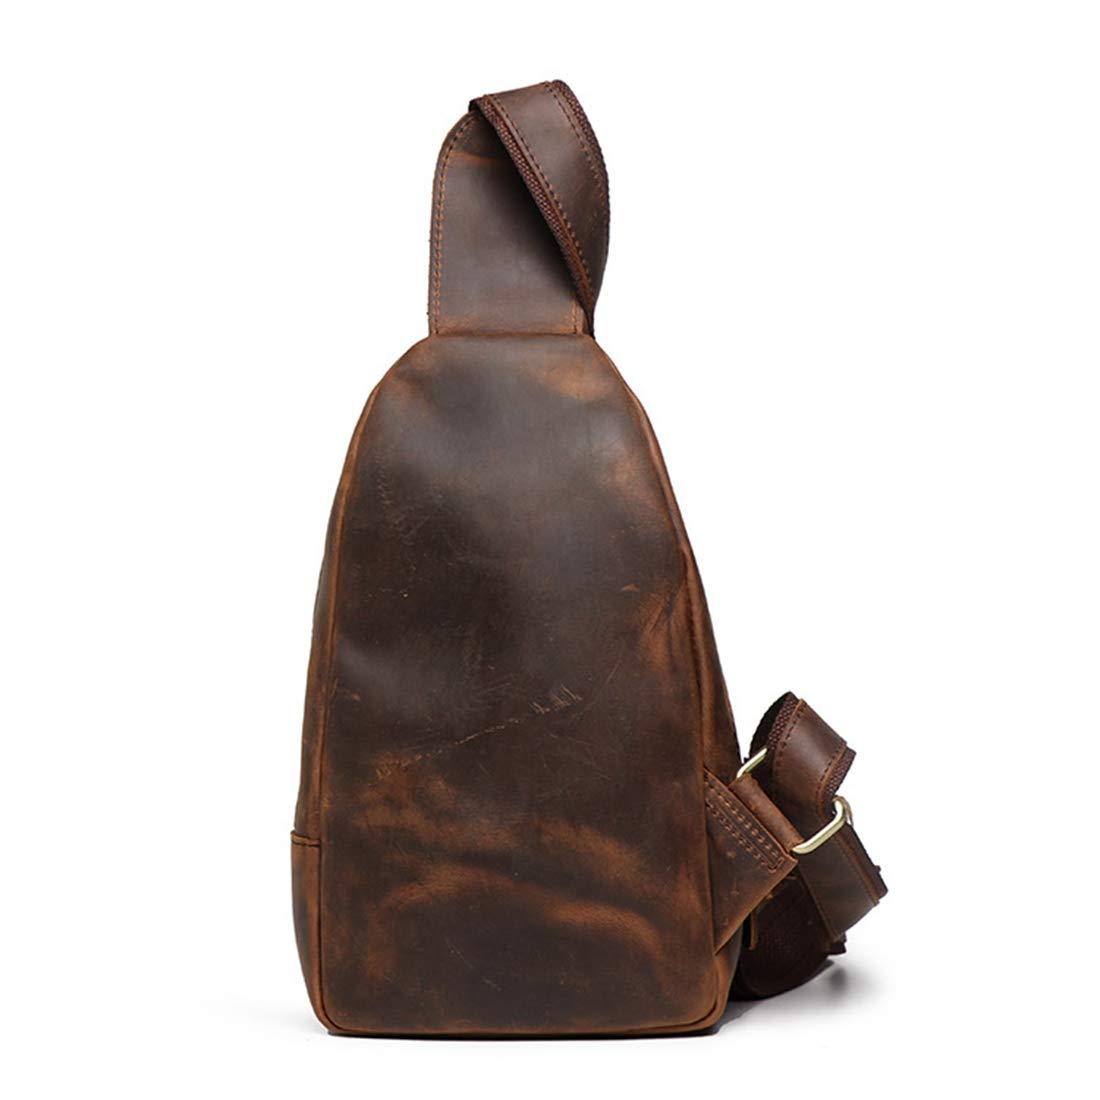 Carriemeow Simple Retro Zippered Canvas Chest Shoulder Bag Messenger Bag Color Brown Color : Black